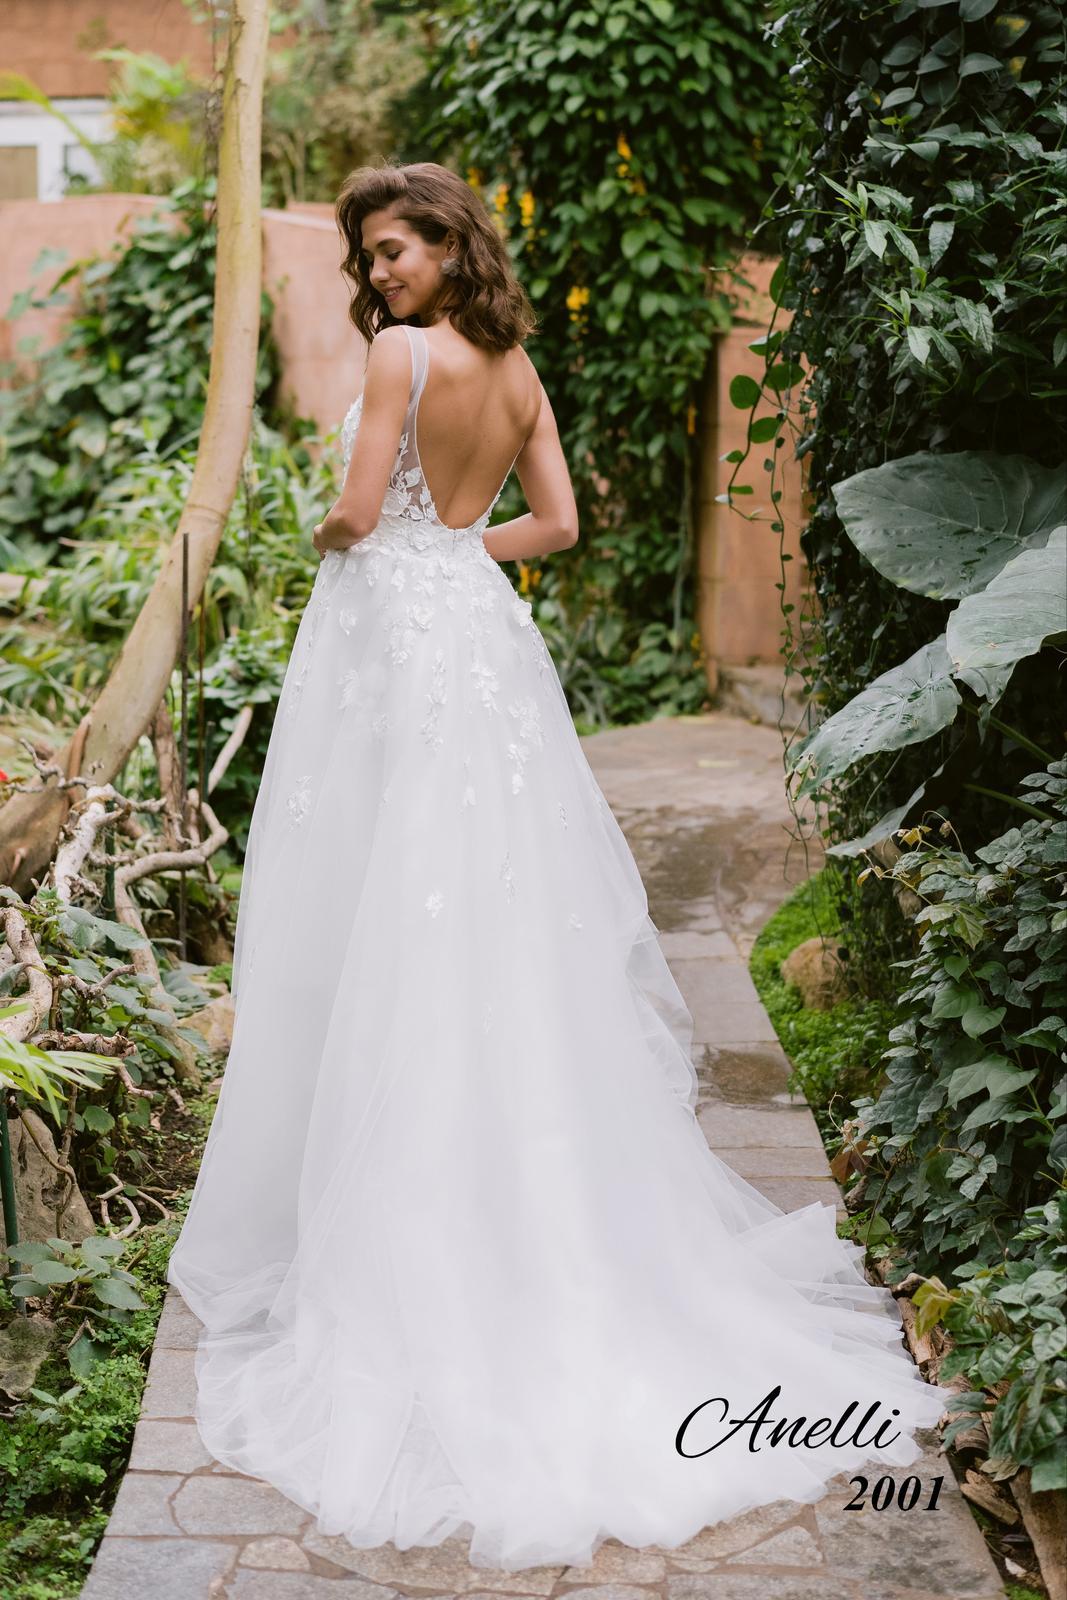 Svadobné šaty - Breeze 2001 - Obrázok č. 3